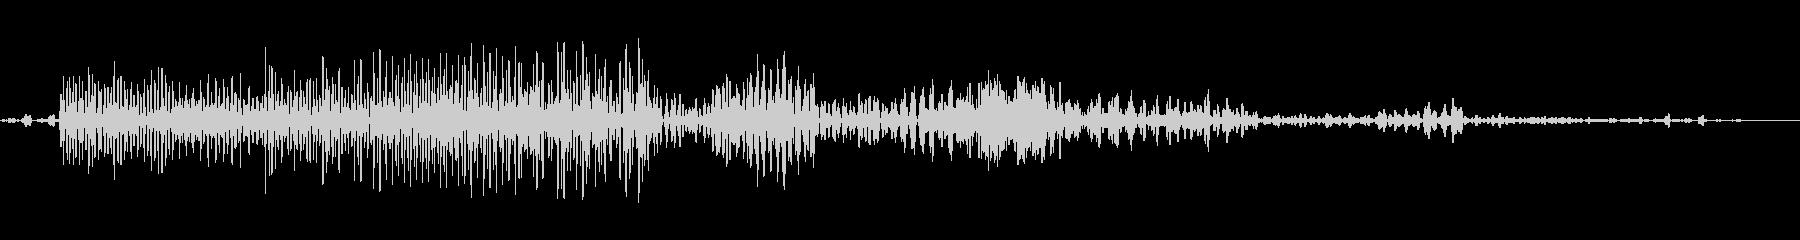 バックワードコンピューター音声、S...の未再生の波形